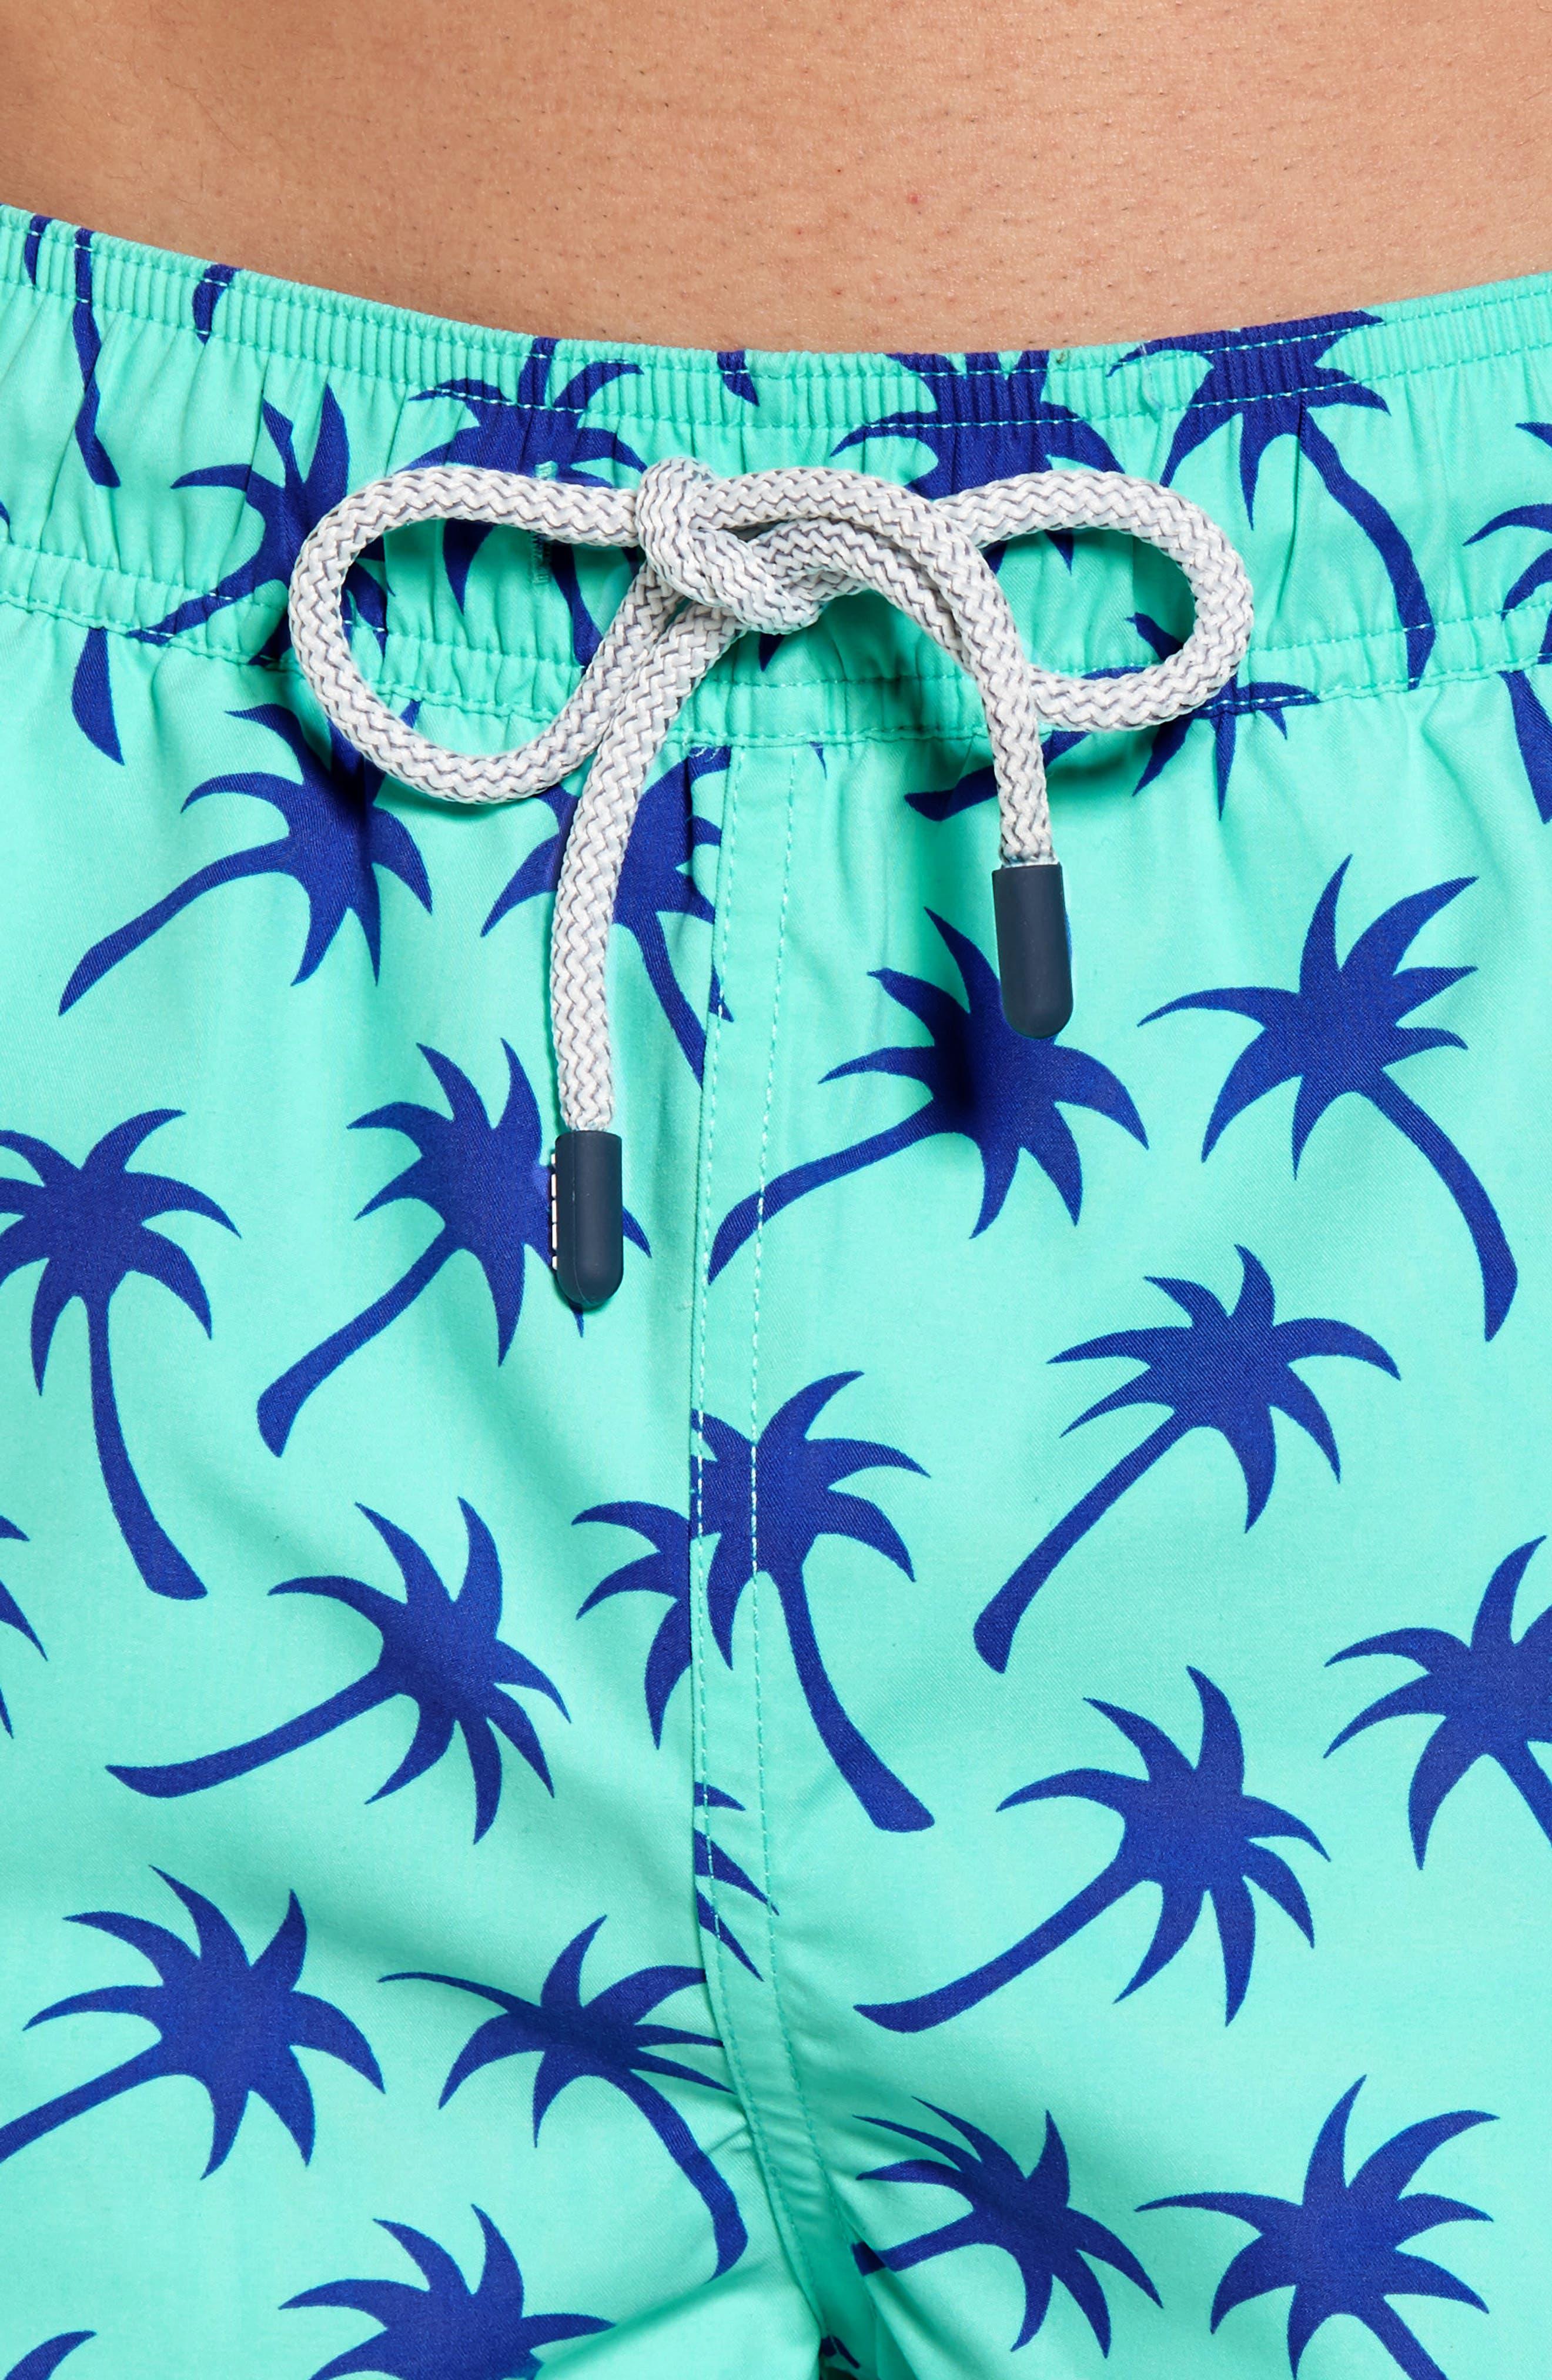 Palm Tree Print Swim Trunks,                             Alternate thumbnail 4, color,                             EMERALD/ BLUE